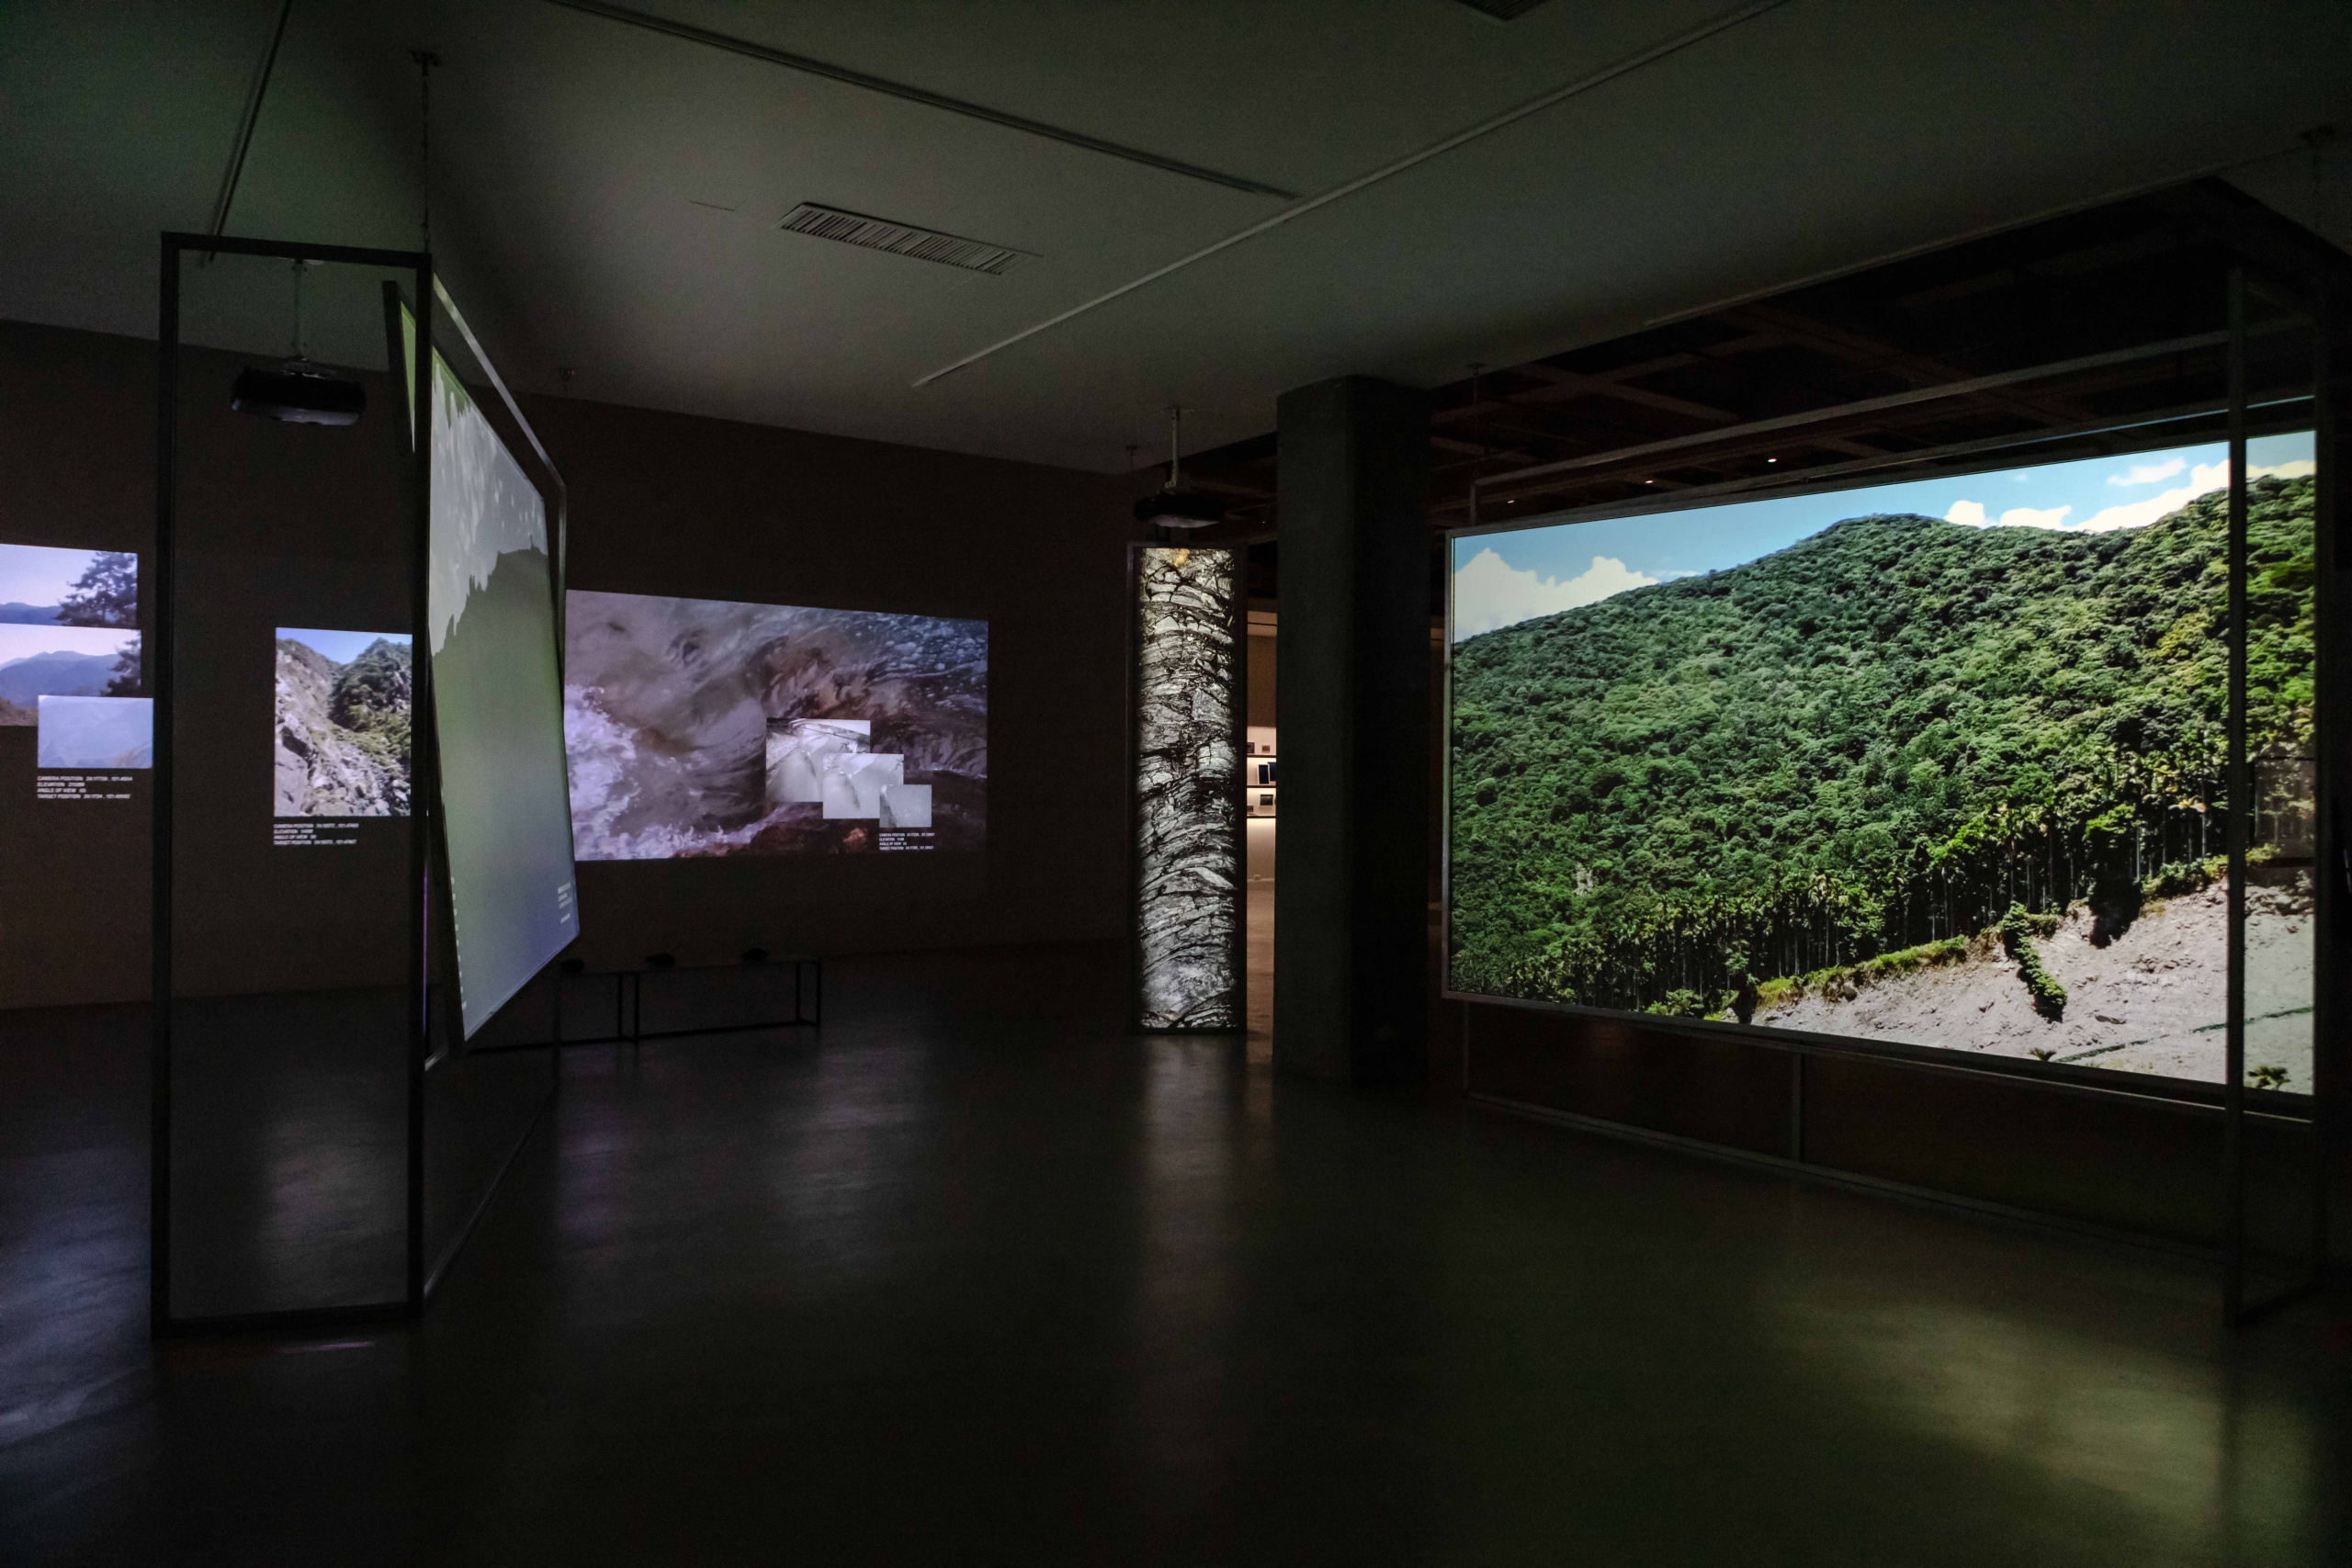 17.1、17.2 蘇郁心,《參照系I、II》,2020,錄像裝置,尺寸視空間而定。圖像由藝術家及臺北市立美術館提供。